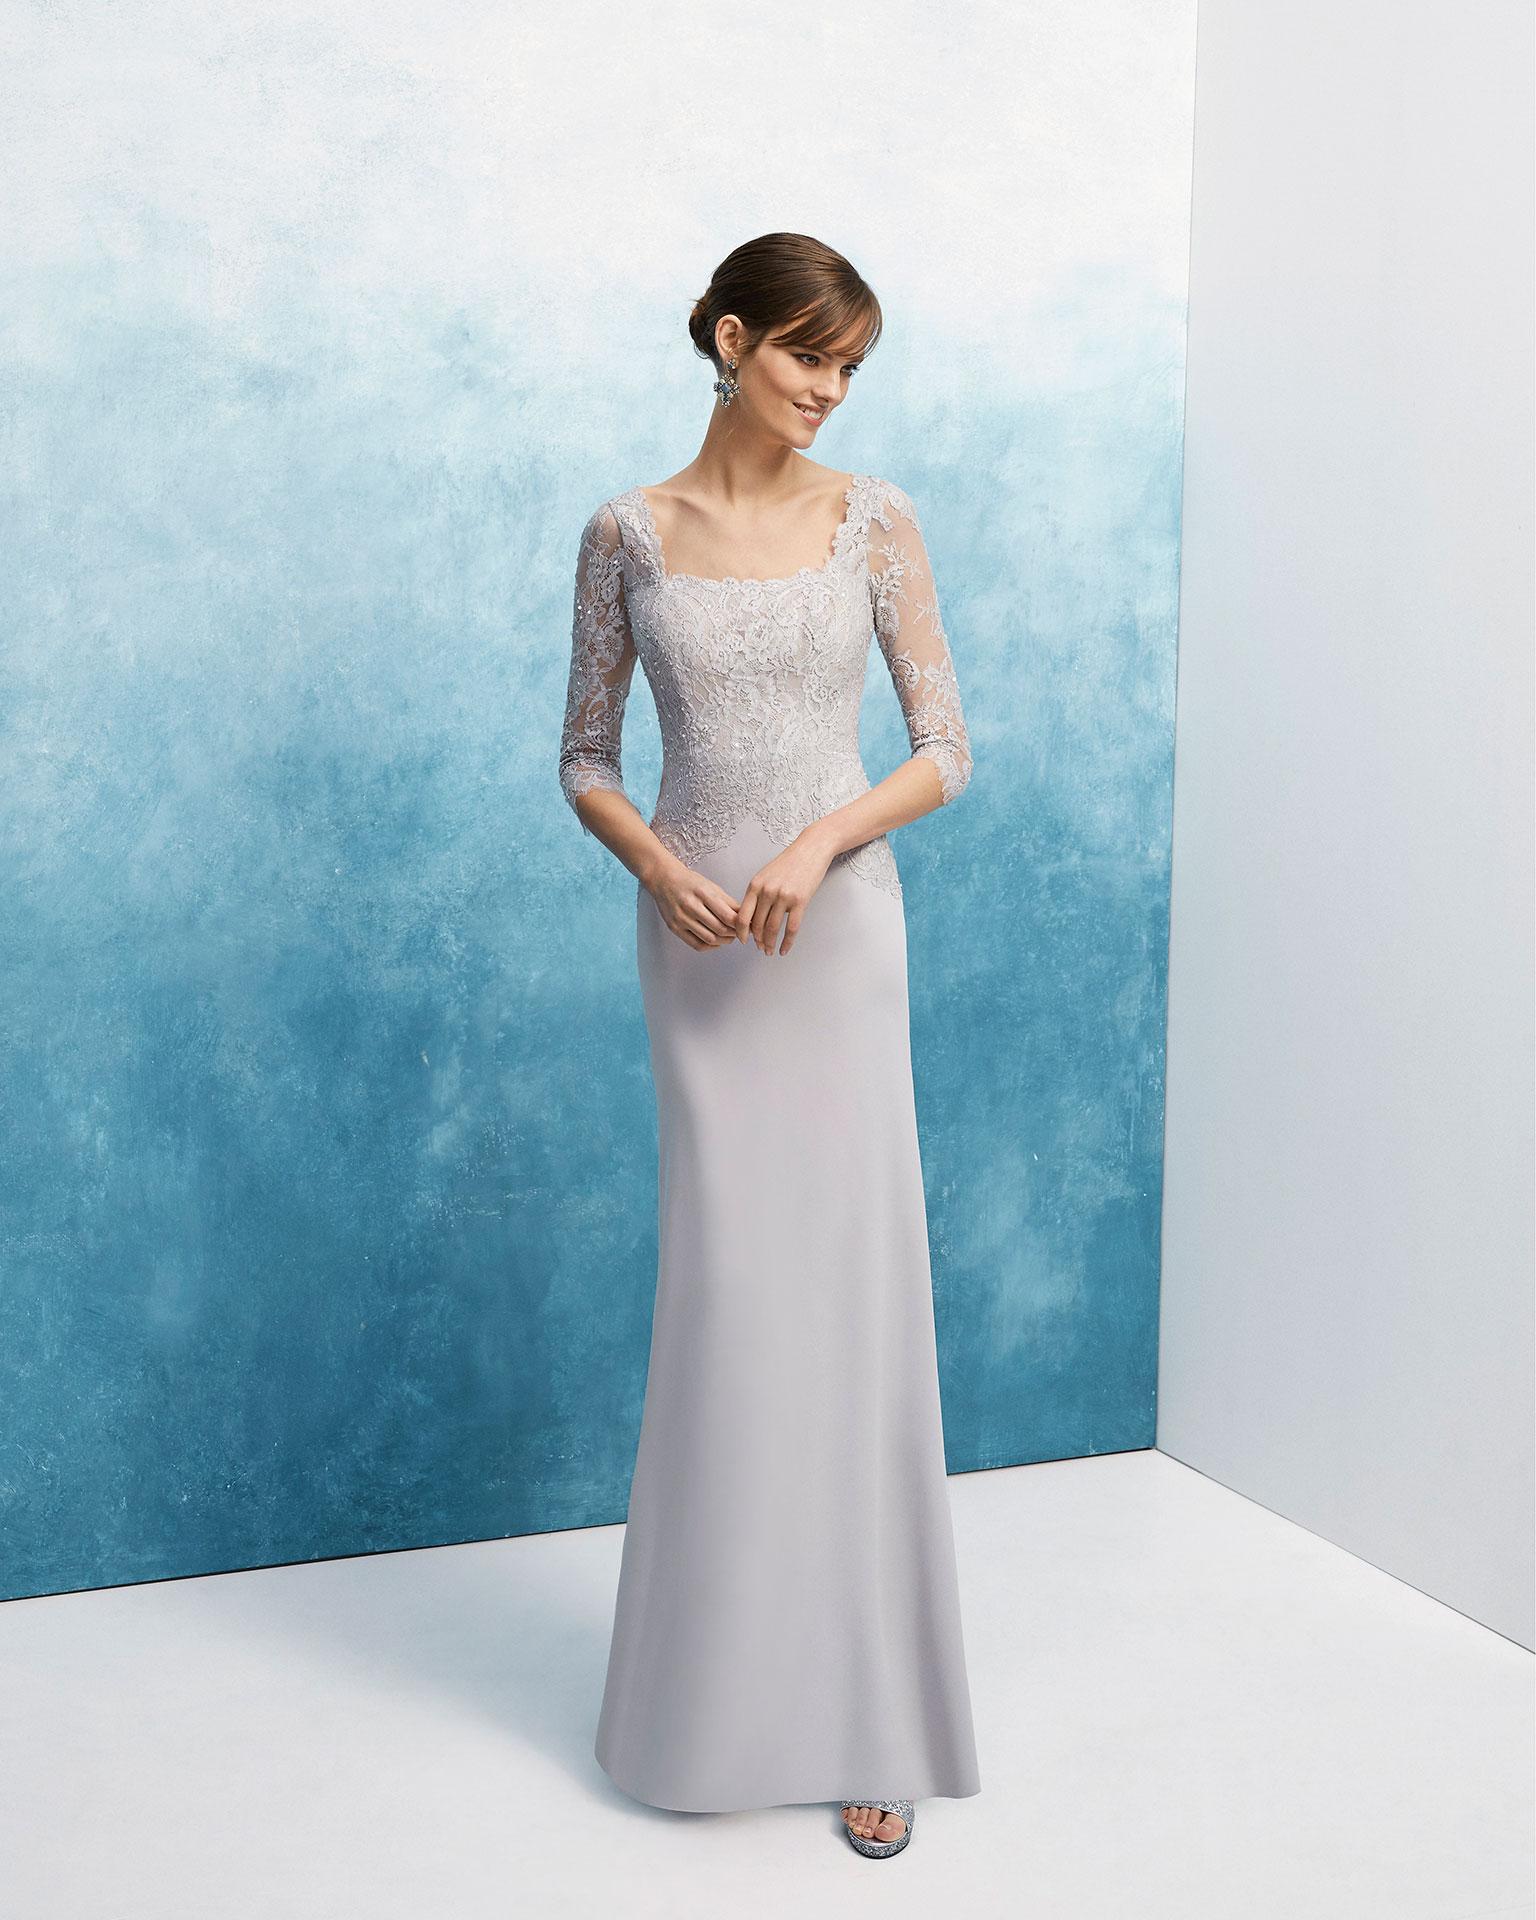 珠饰绉绸蕾丝鸡尾酒会礼服。方领七分袖配蕾丝后背设计。 AIRE_BARCELONA_FIESTA 新品系列 2019.